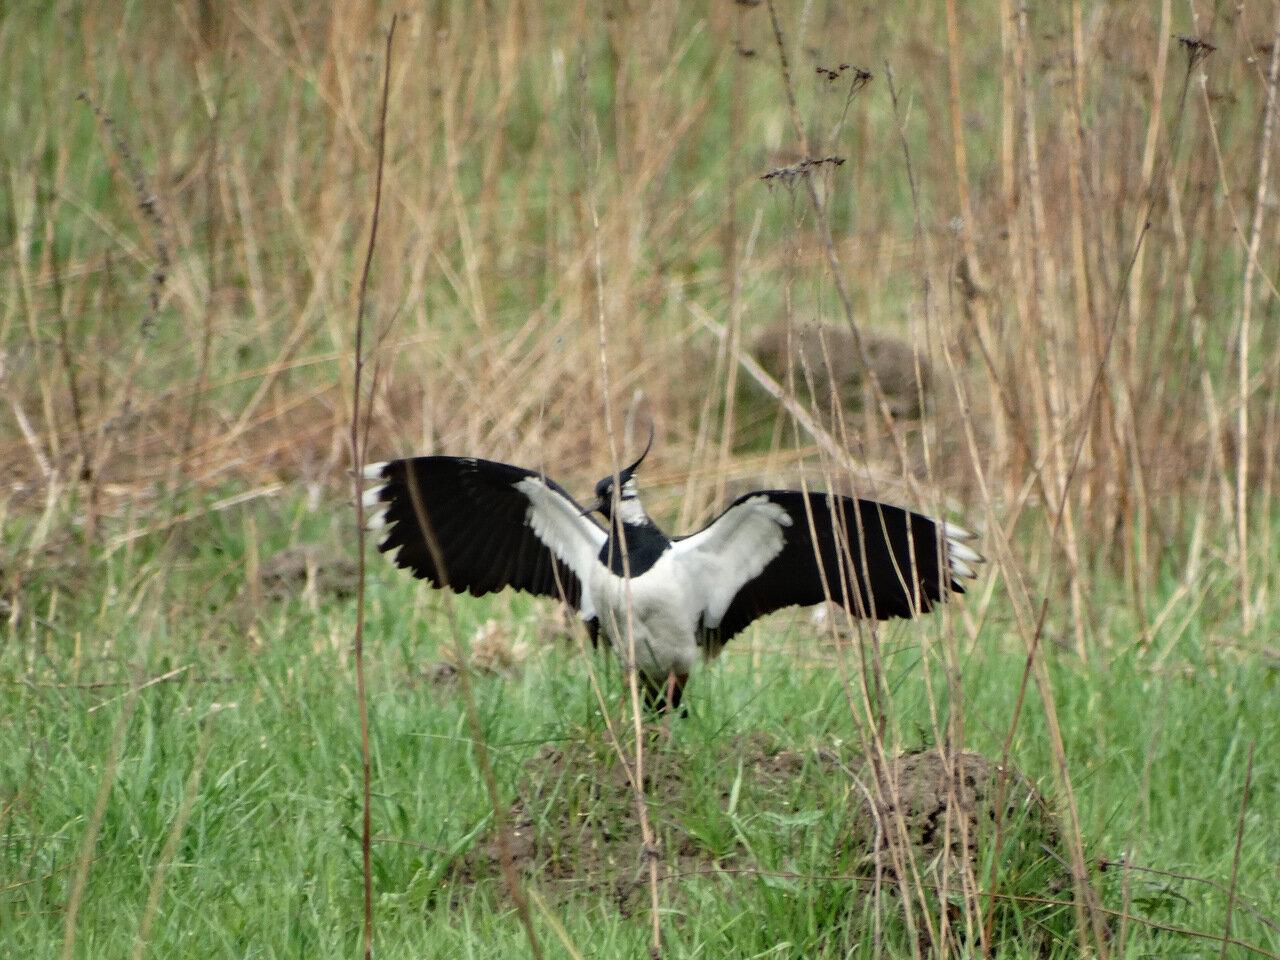 Чибис (Vanellus vanellus). Автор фото: Привалова Марина